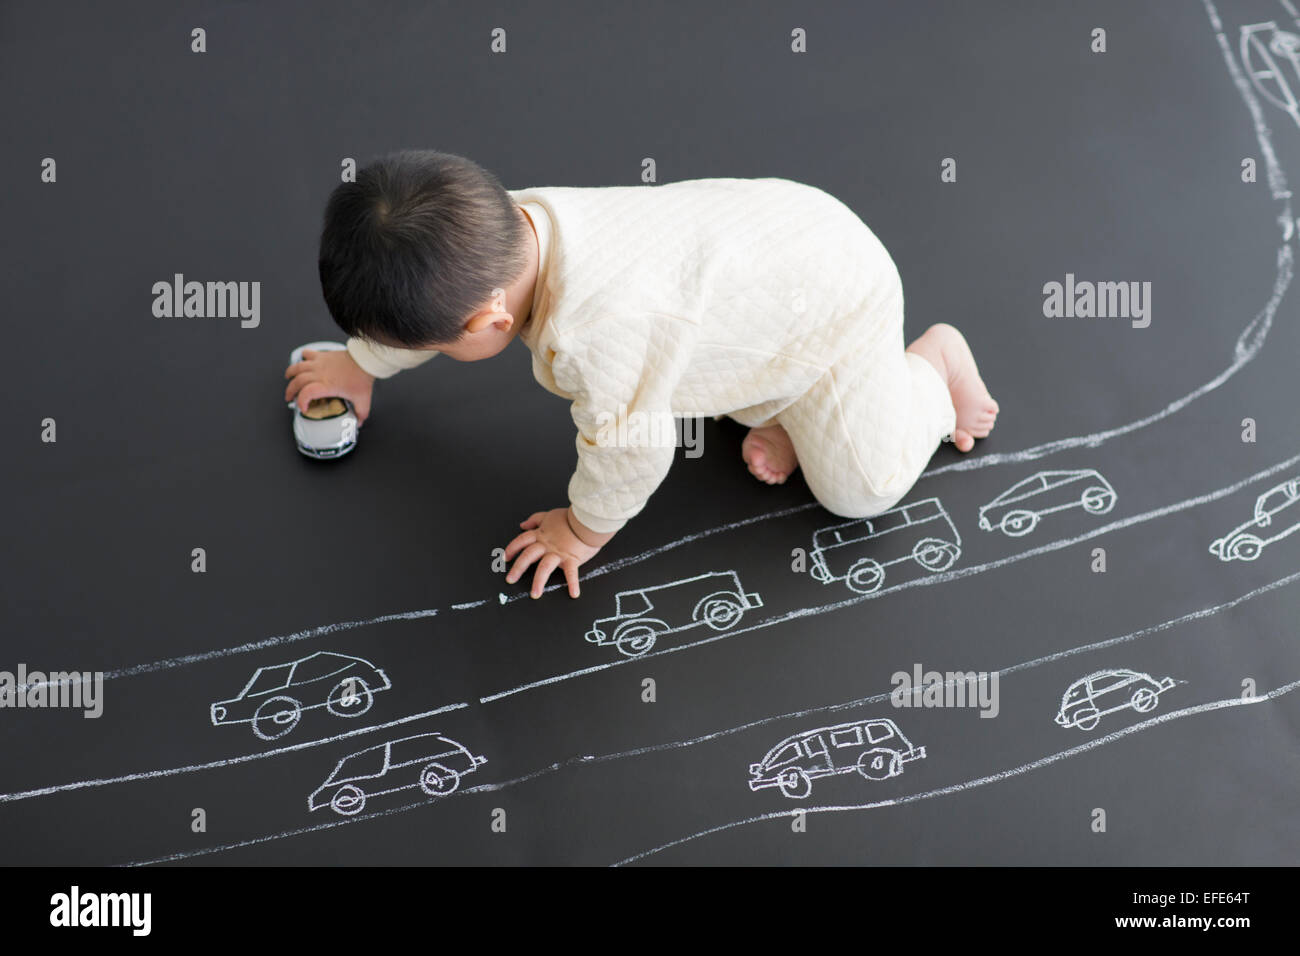 Lindo bebé jugando con coches de juguete en el tablero de dibujo Imagen De Stock